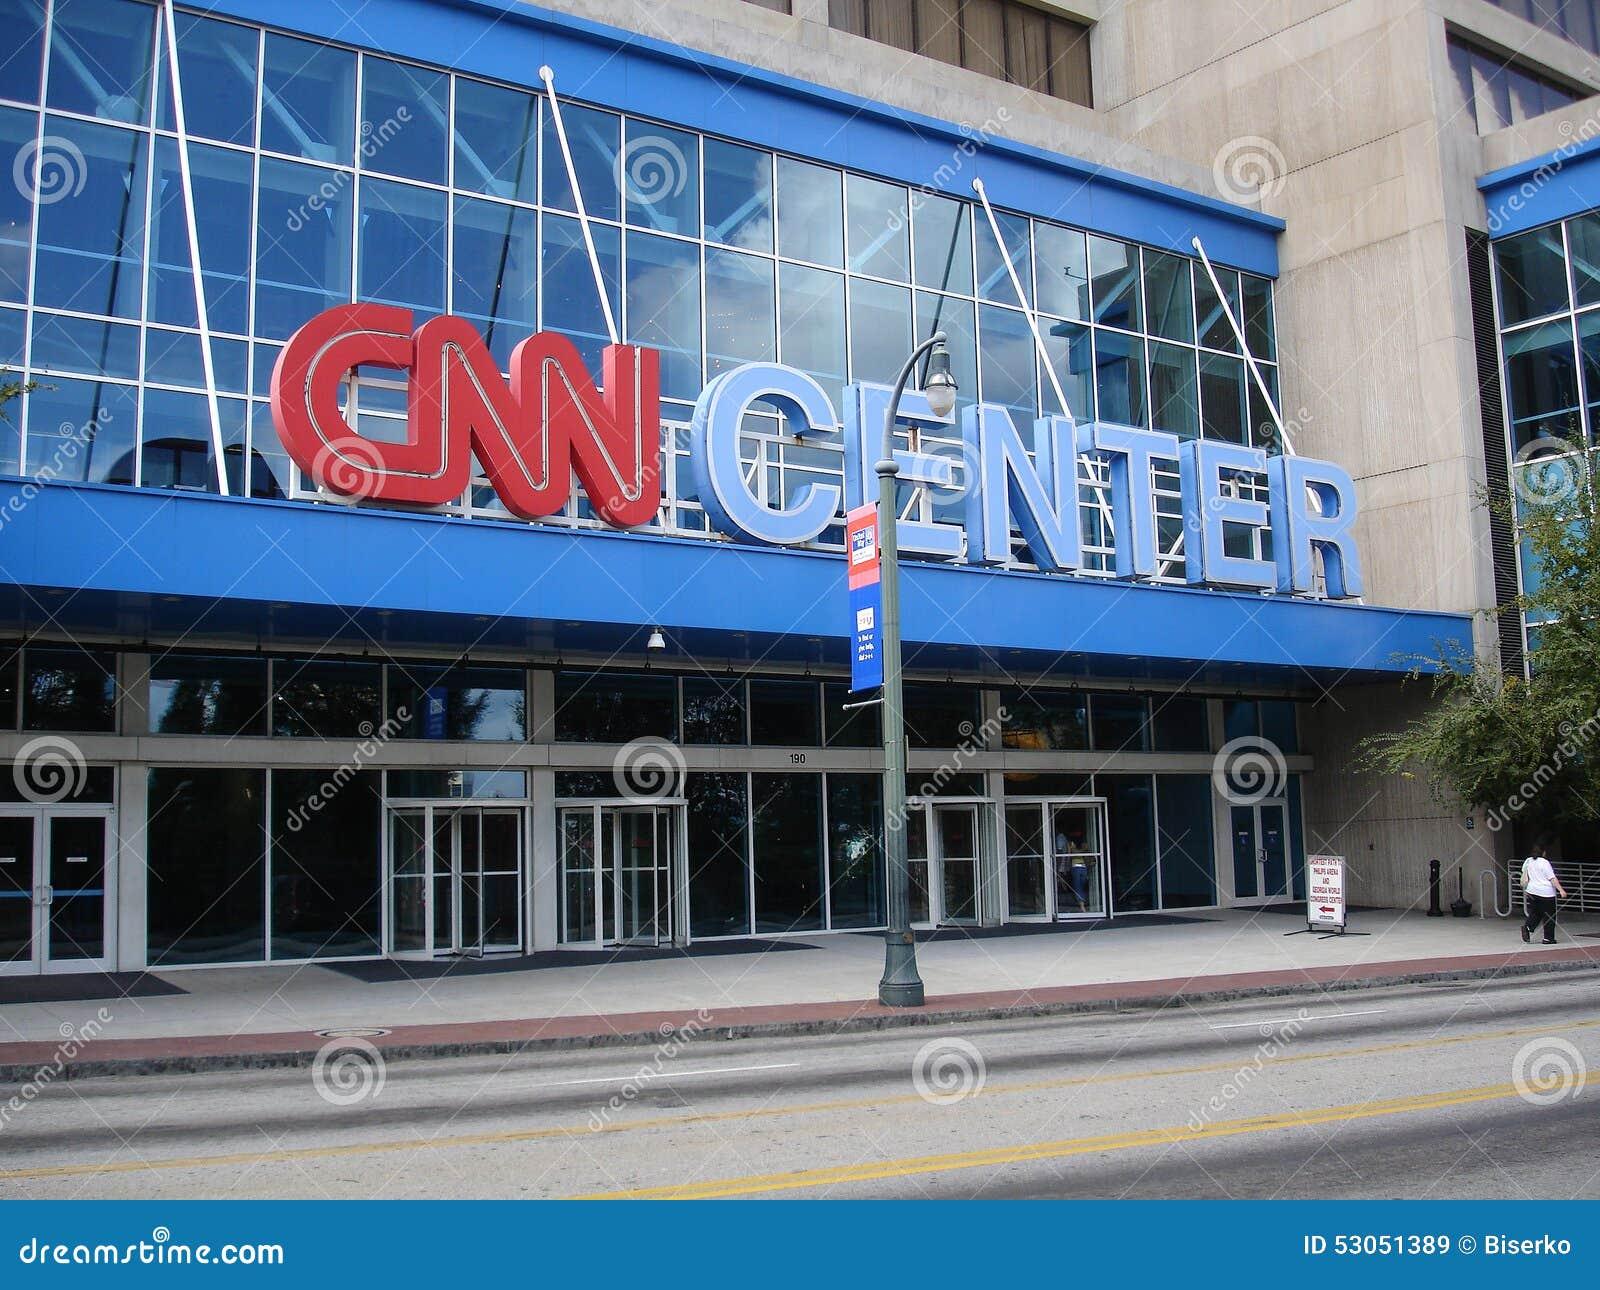 CNN center